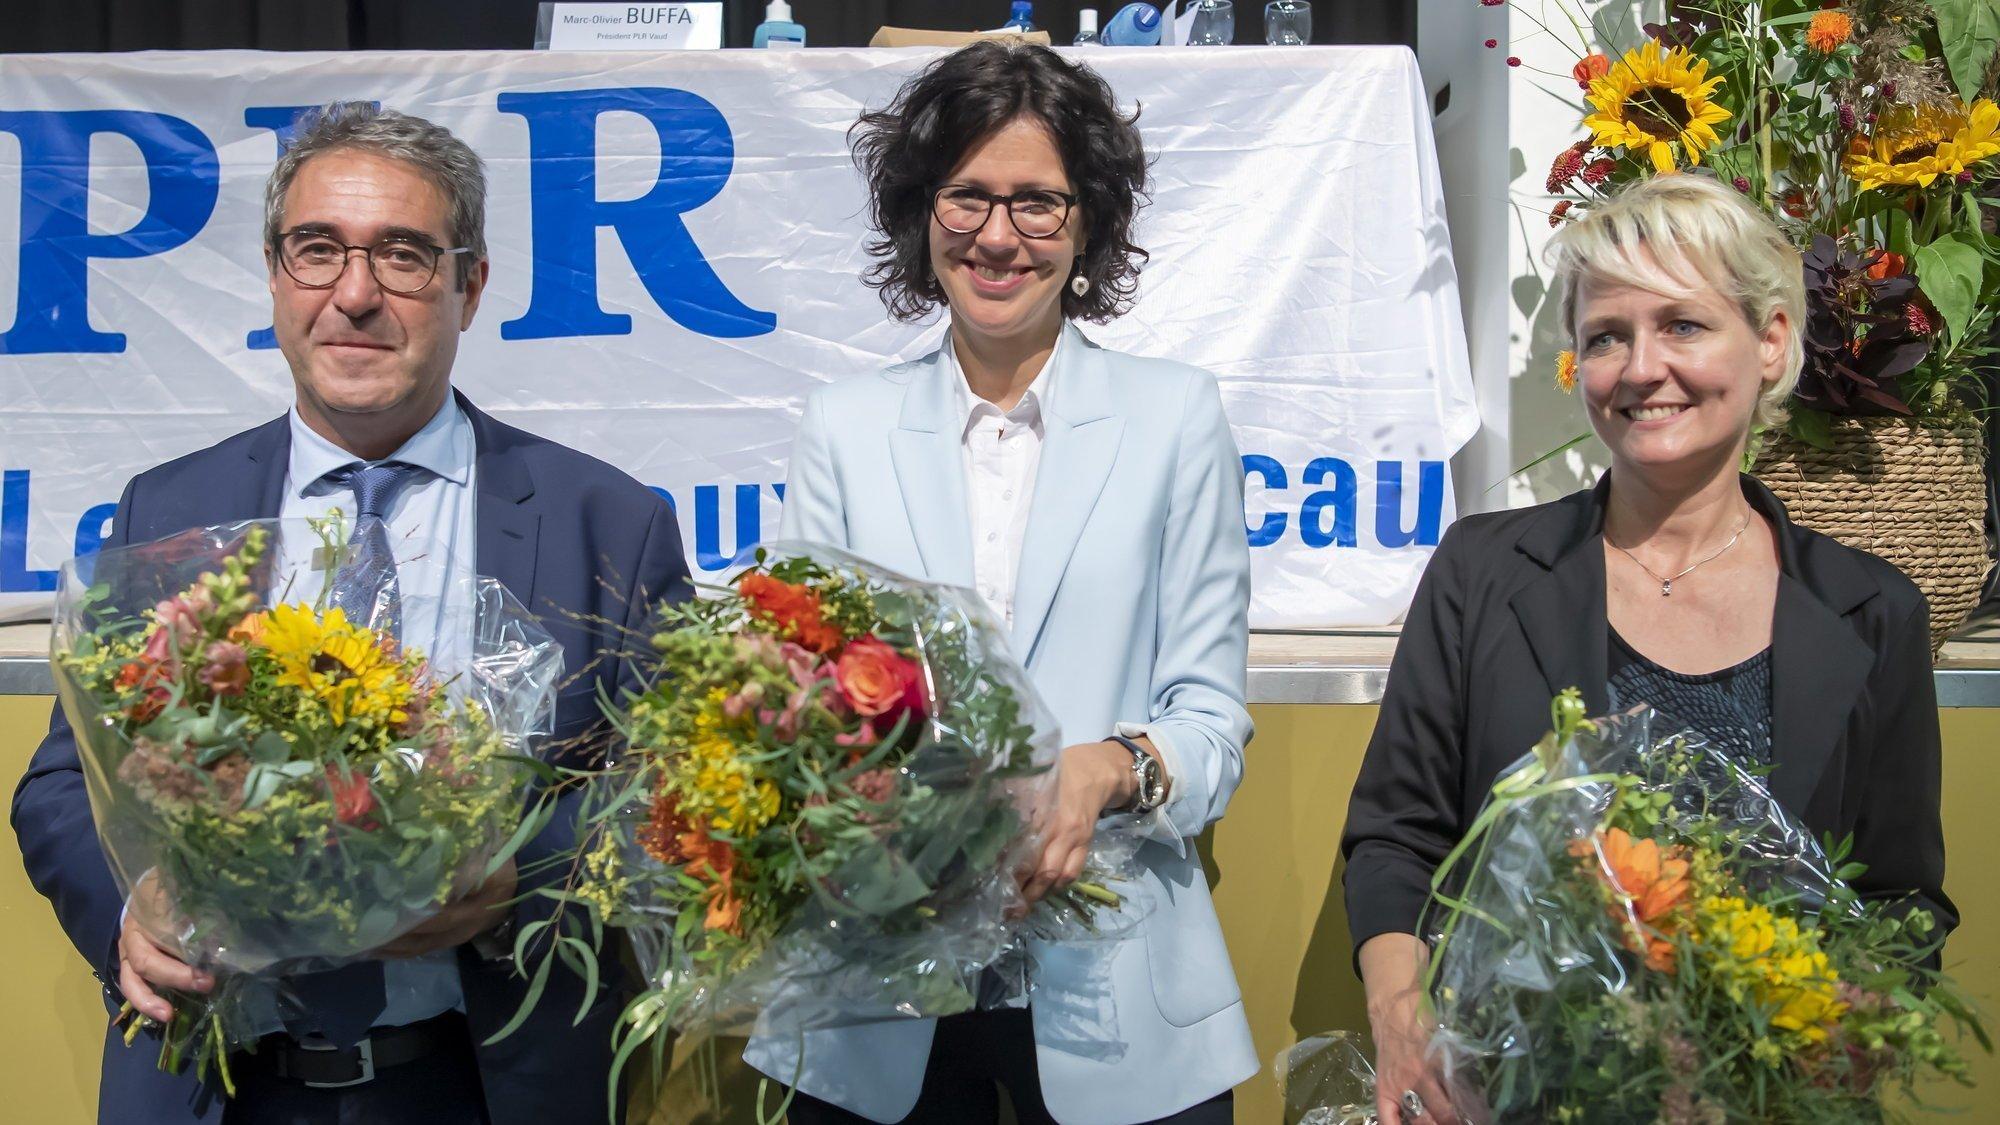 Frédéric Borloz, Christelle Luisier et Isabelle Moret ont été désignés pour défendre les couleurs du PLR, mercredi soir lors d'un congrès qui s'est tenu à Tolochenaz.